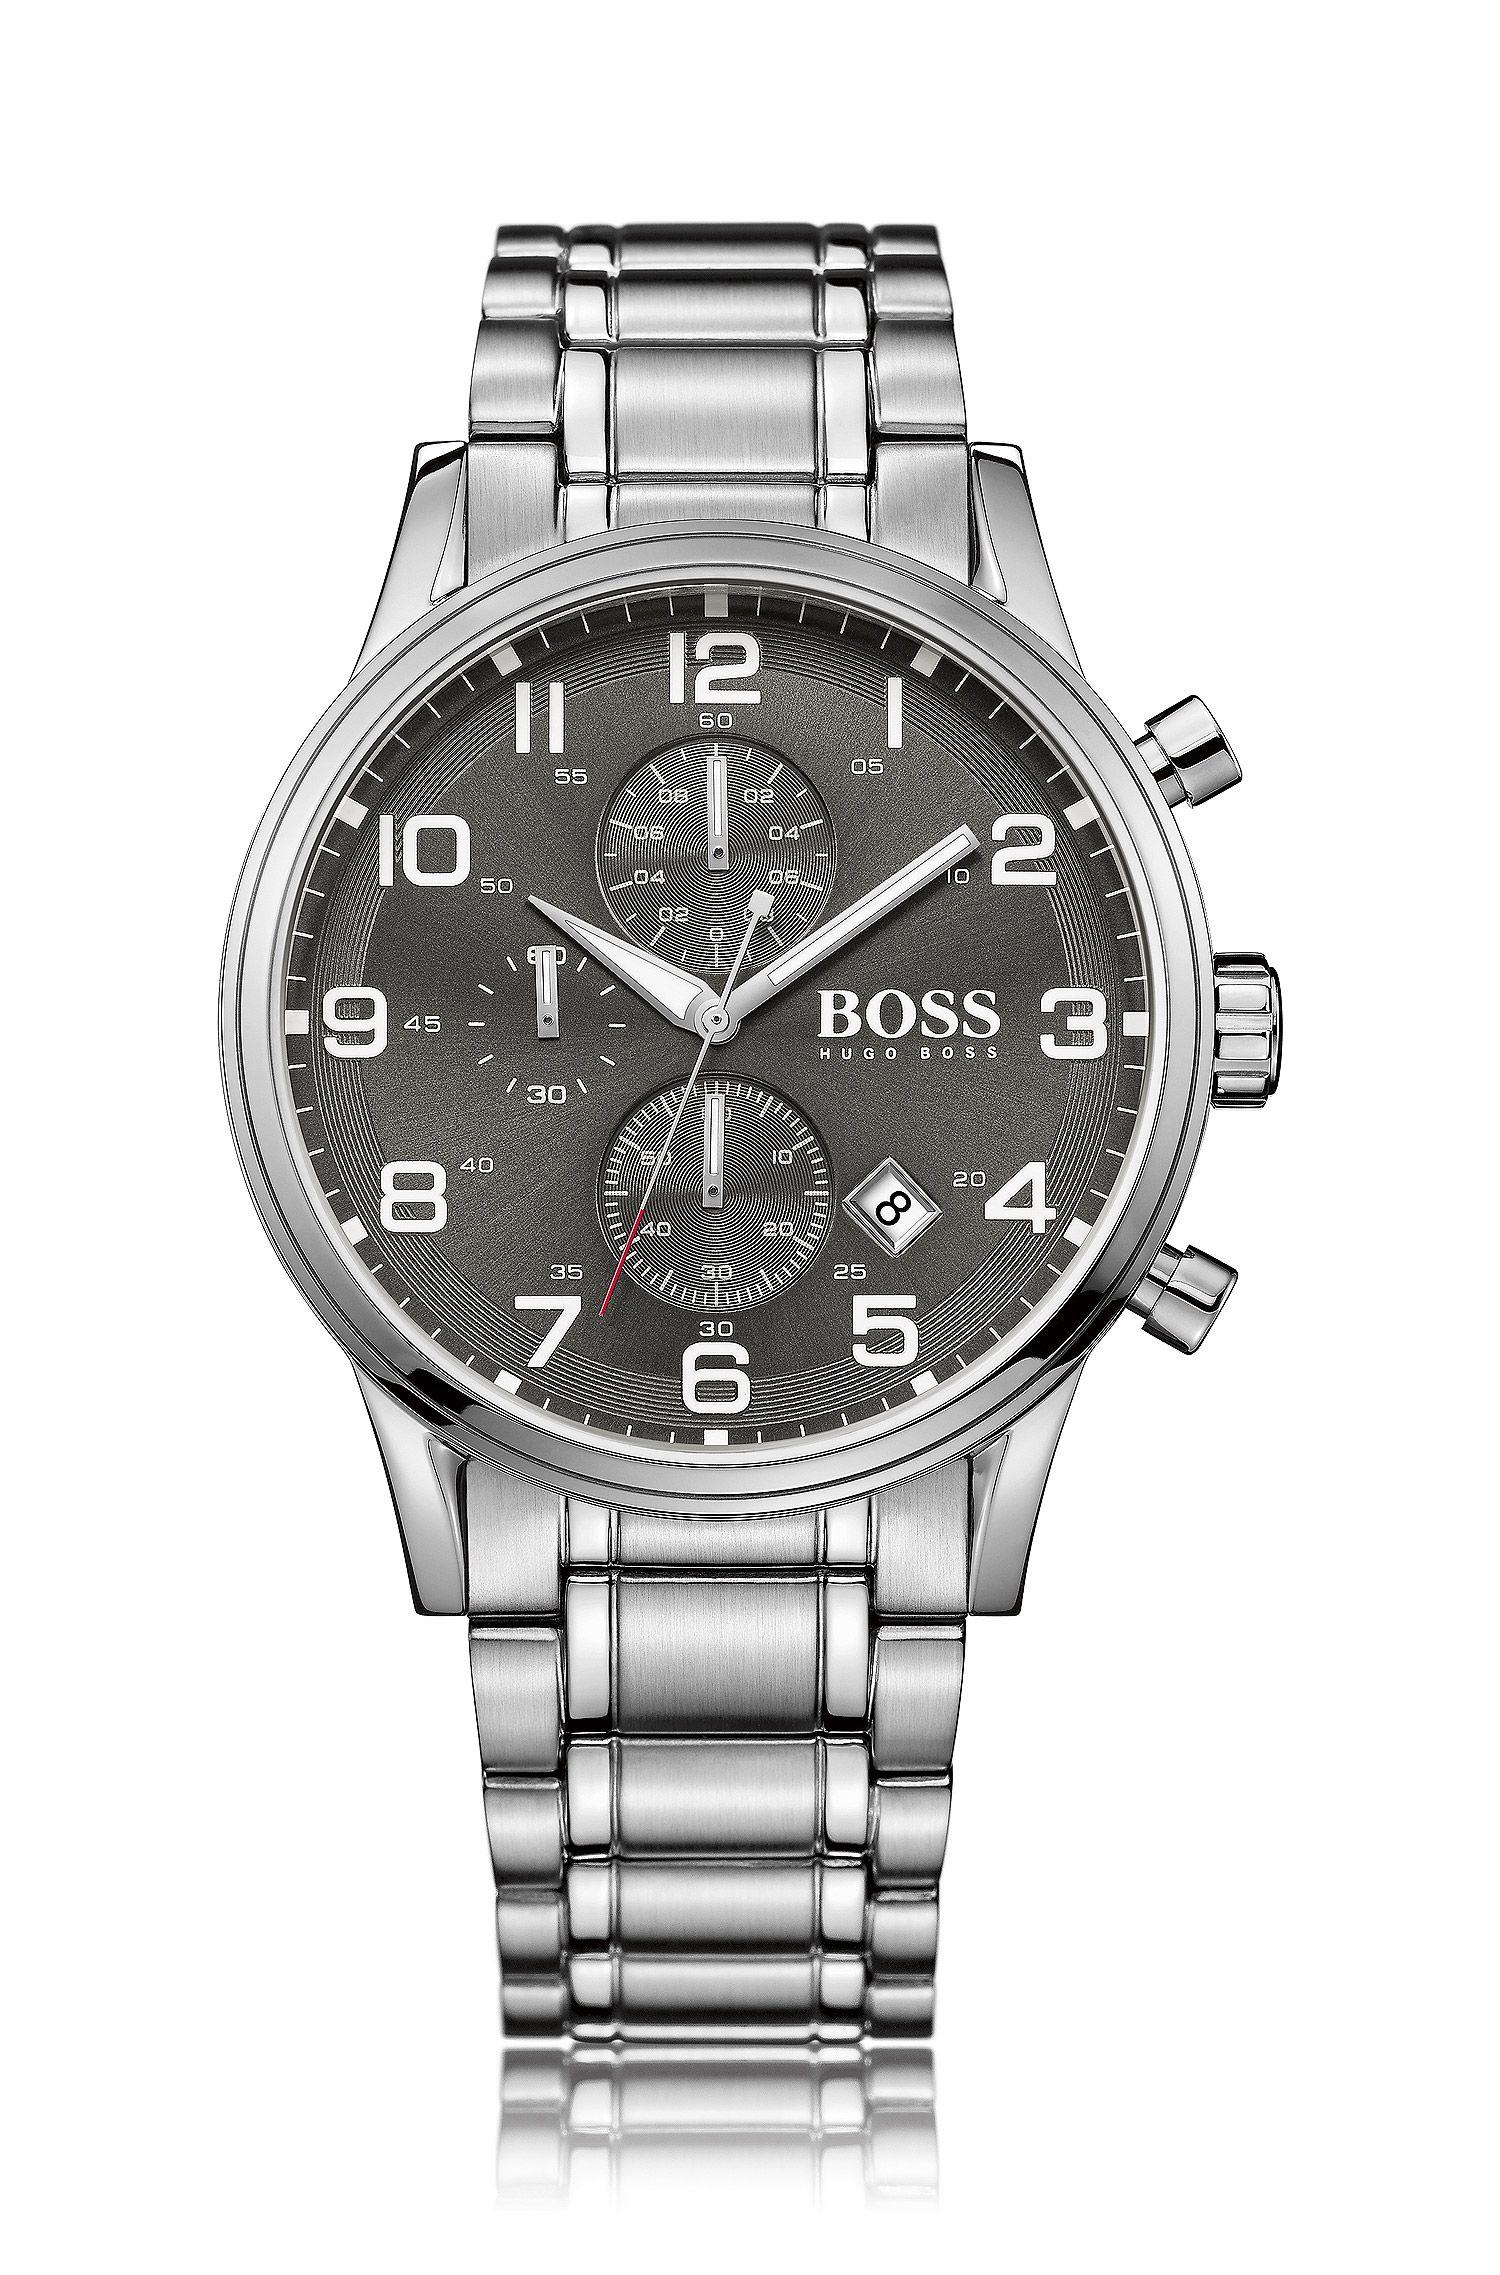 Chronograaf 'HBAERIR' met een kast van zilverkleurig roestvrij staal